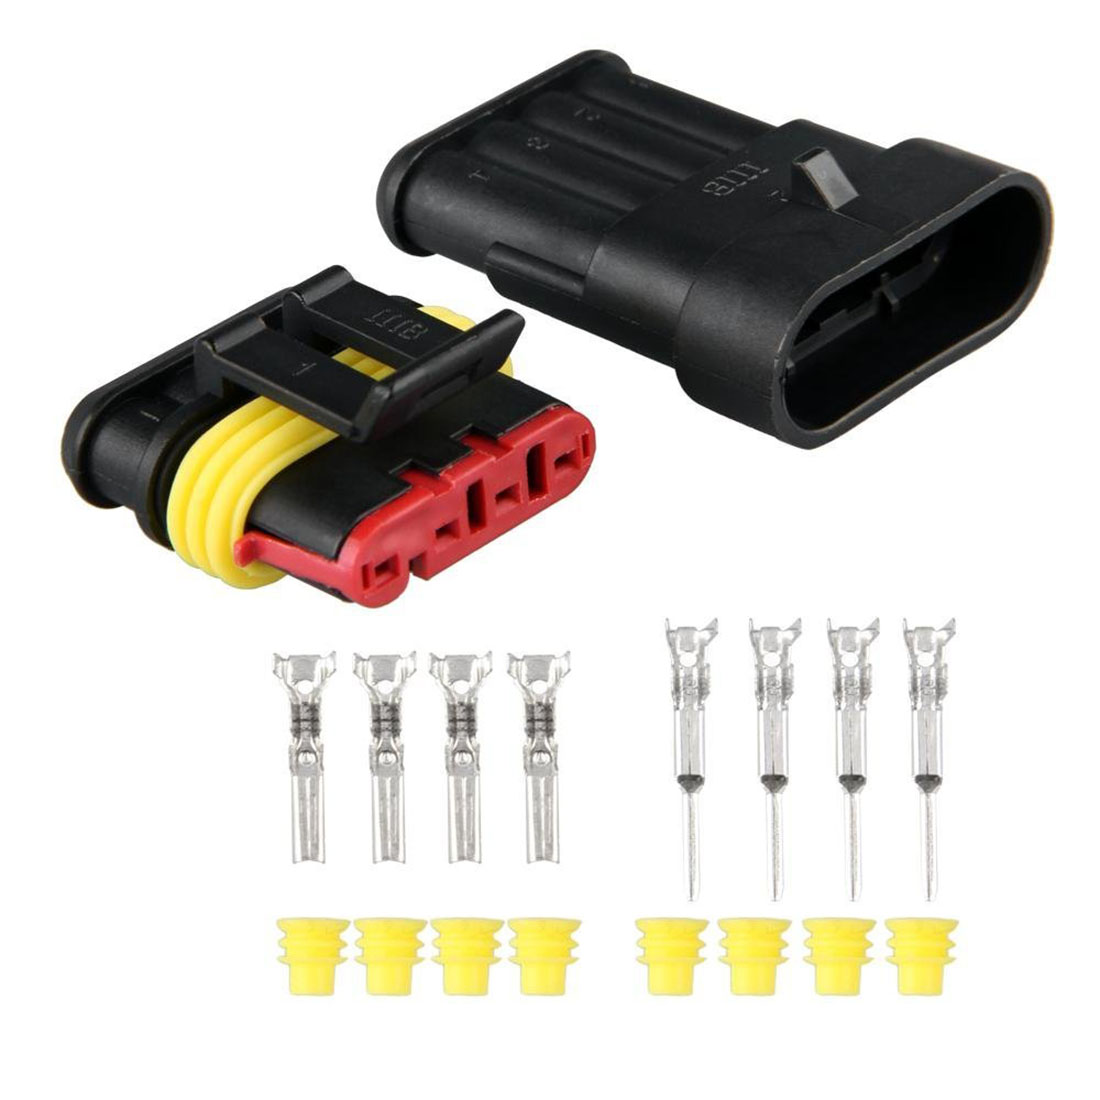 5pcs 1 Pin Way voiture étanche fil électrique CÂBLE AUTOMOTIVE CONNECTEUR